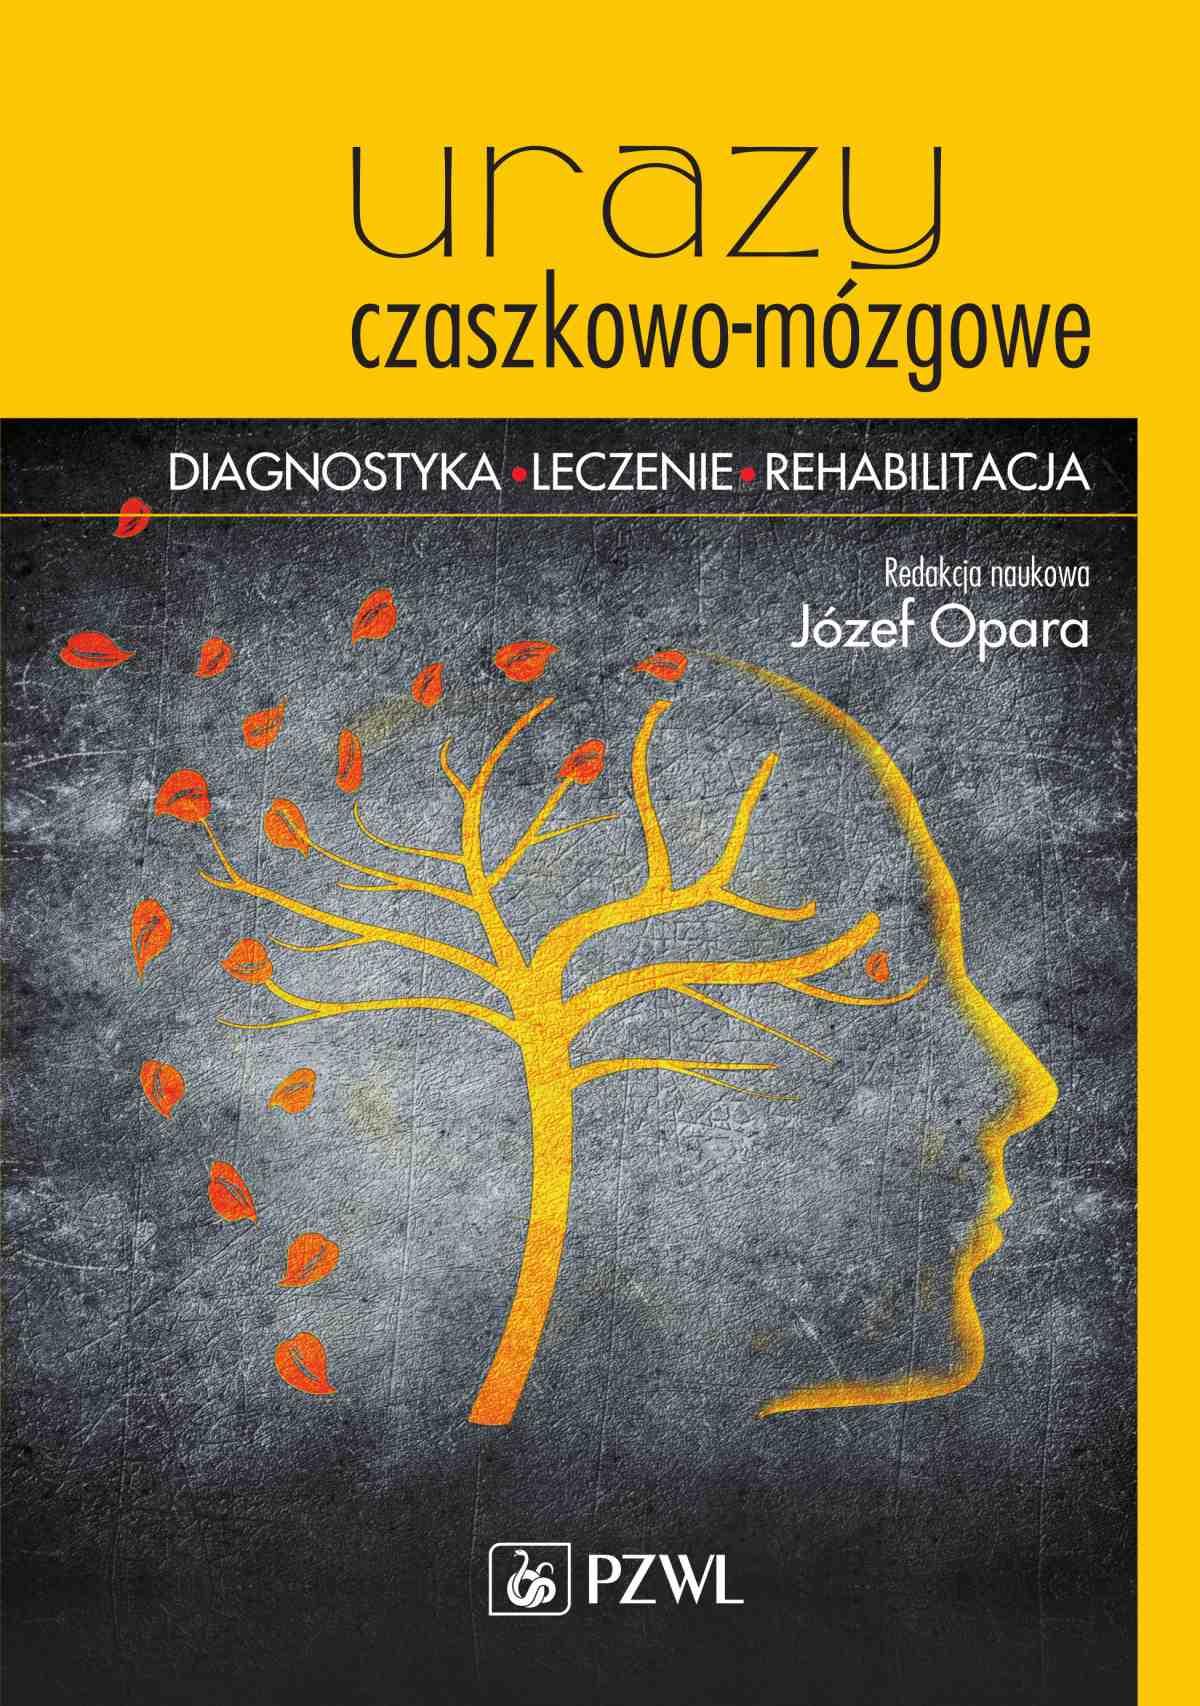 Urazy czaszkowo-mózgowe - Ebook (Książka na Kindle) do pobrania w formacie MOBI